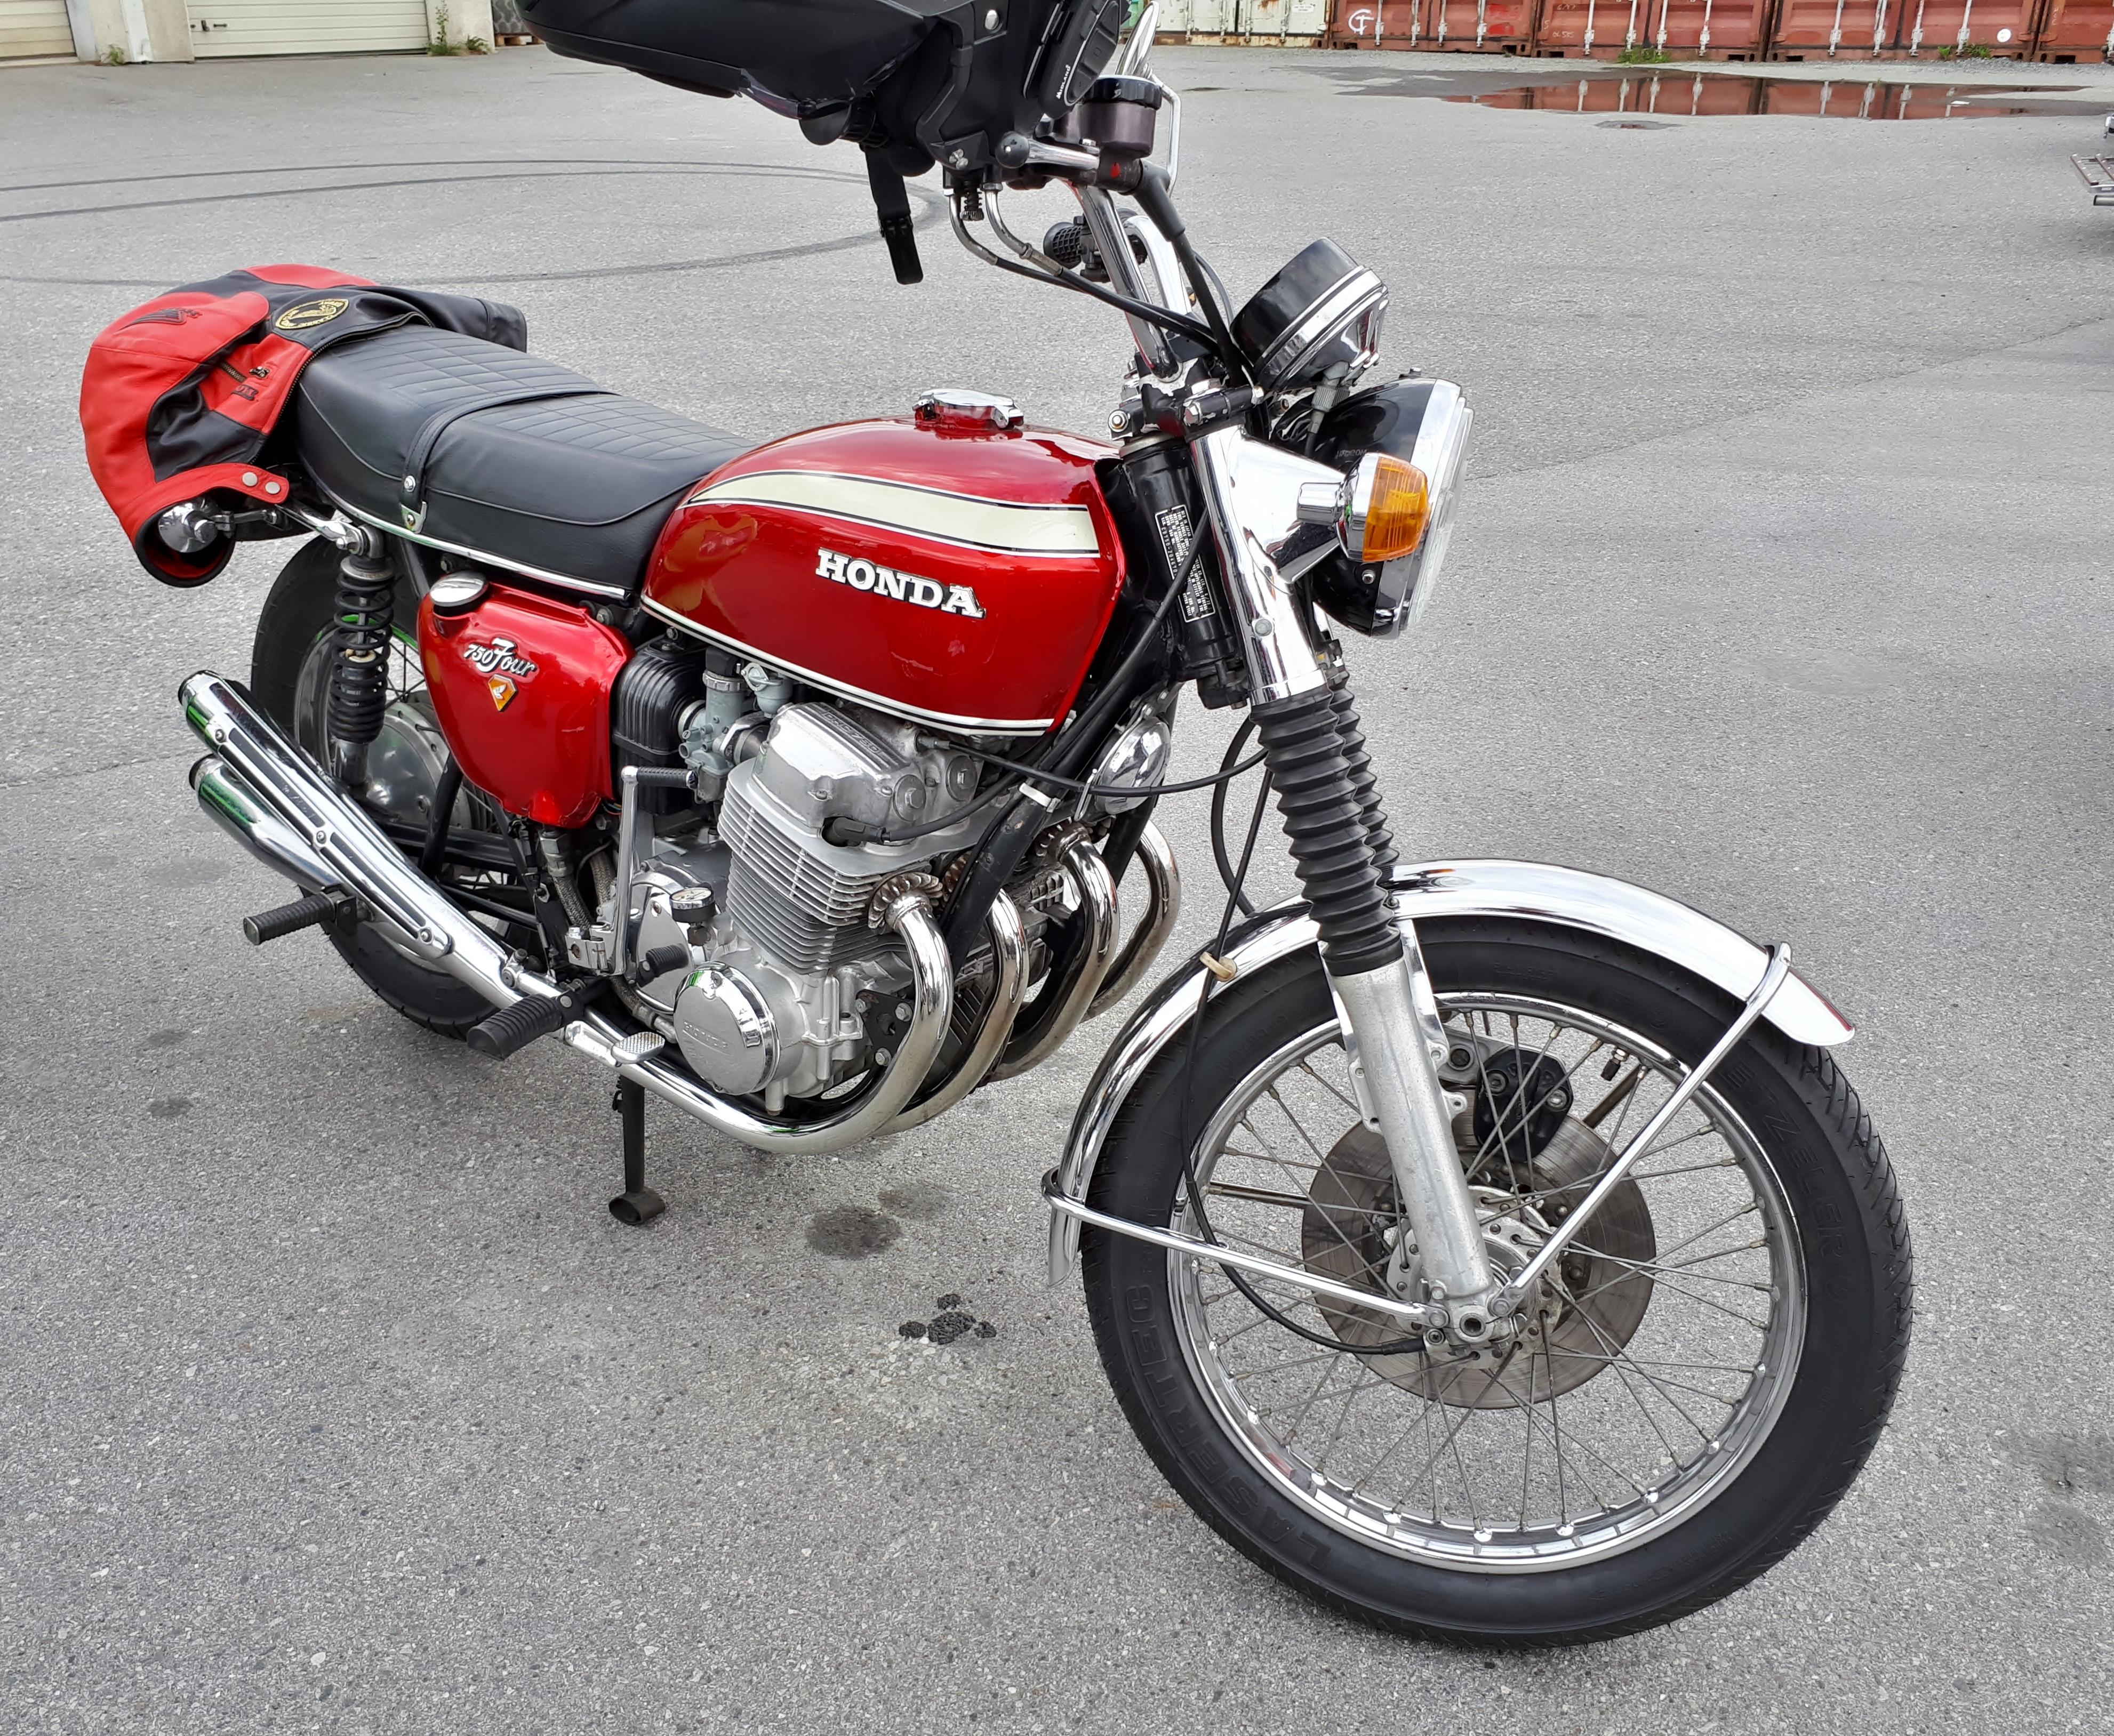 Honda 750 four.jpg